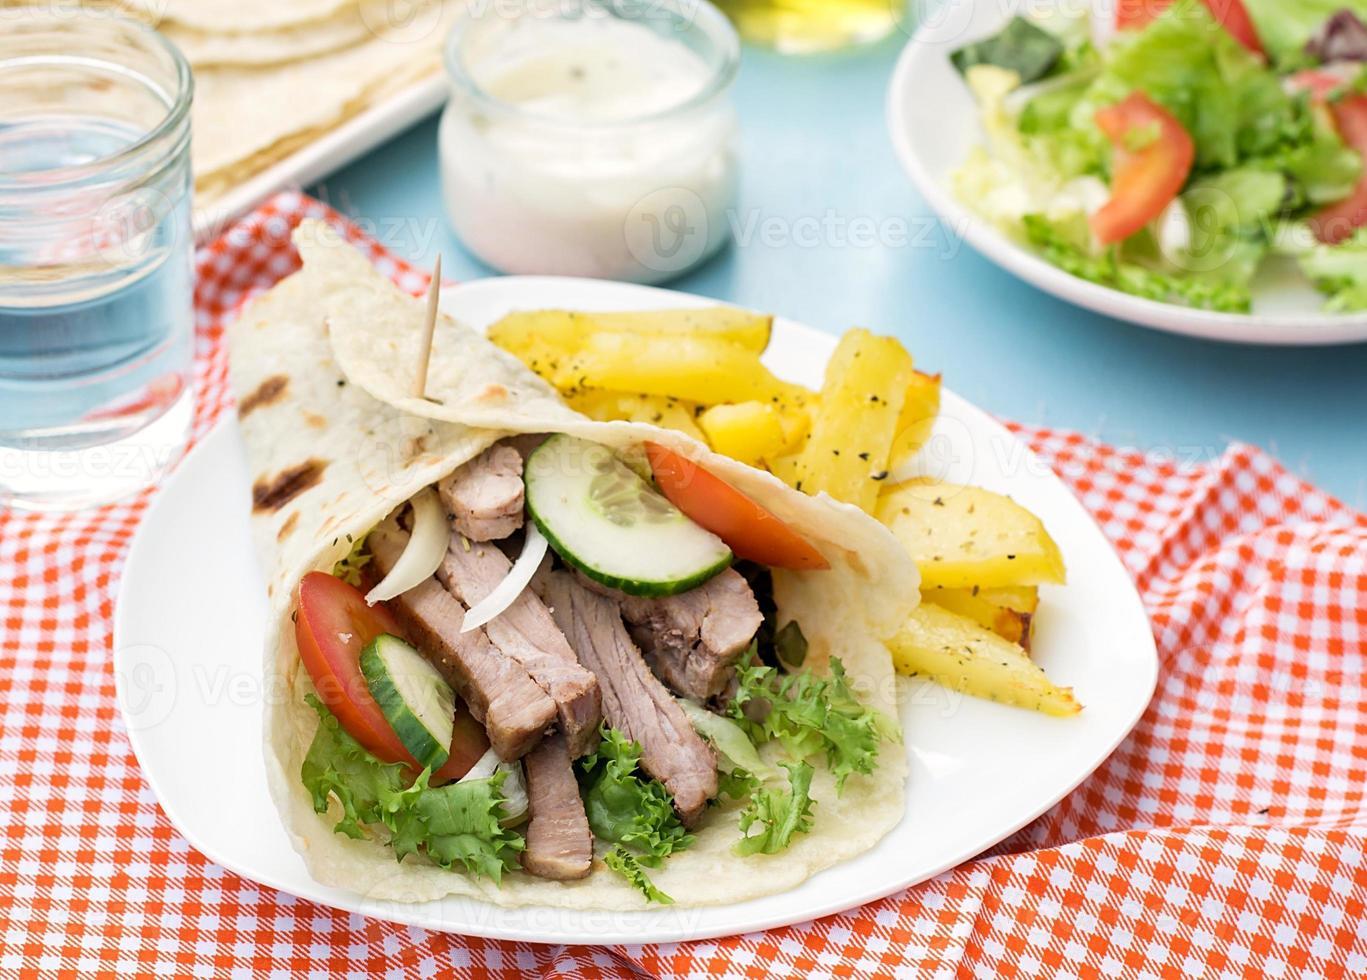 giroscopios griegos con carne de cerdo, verduras y pan de pita casero foto